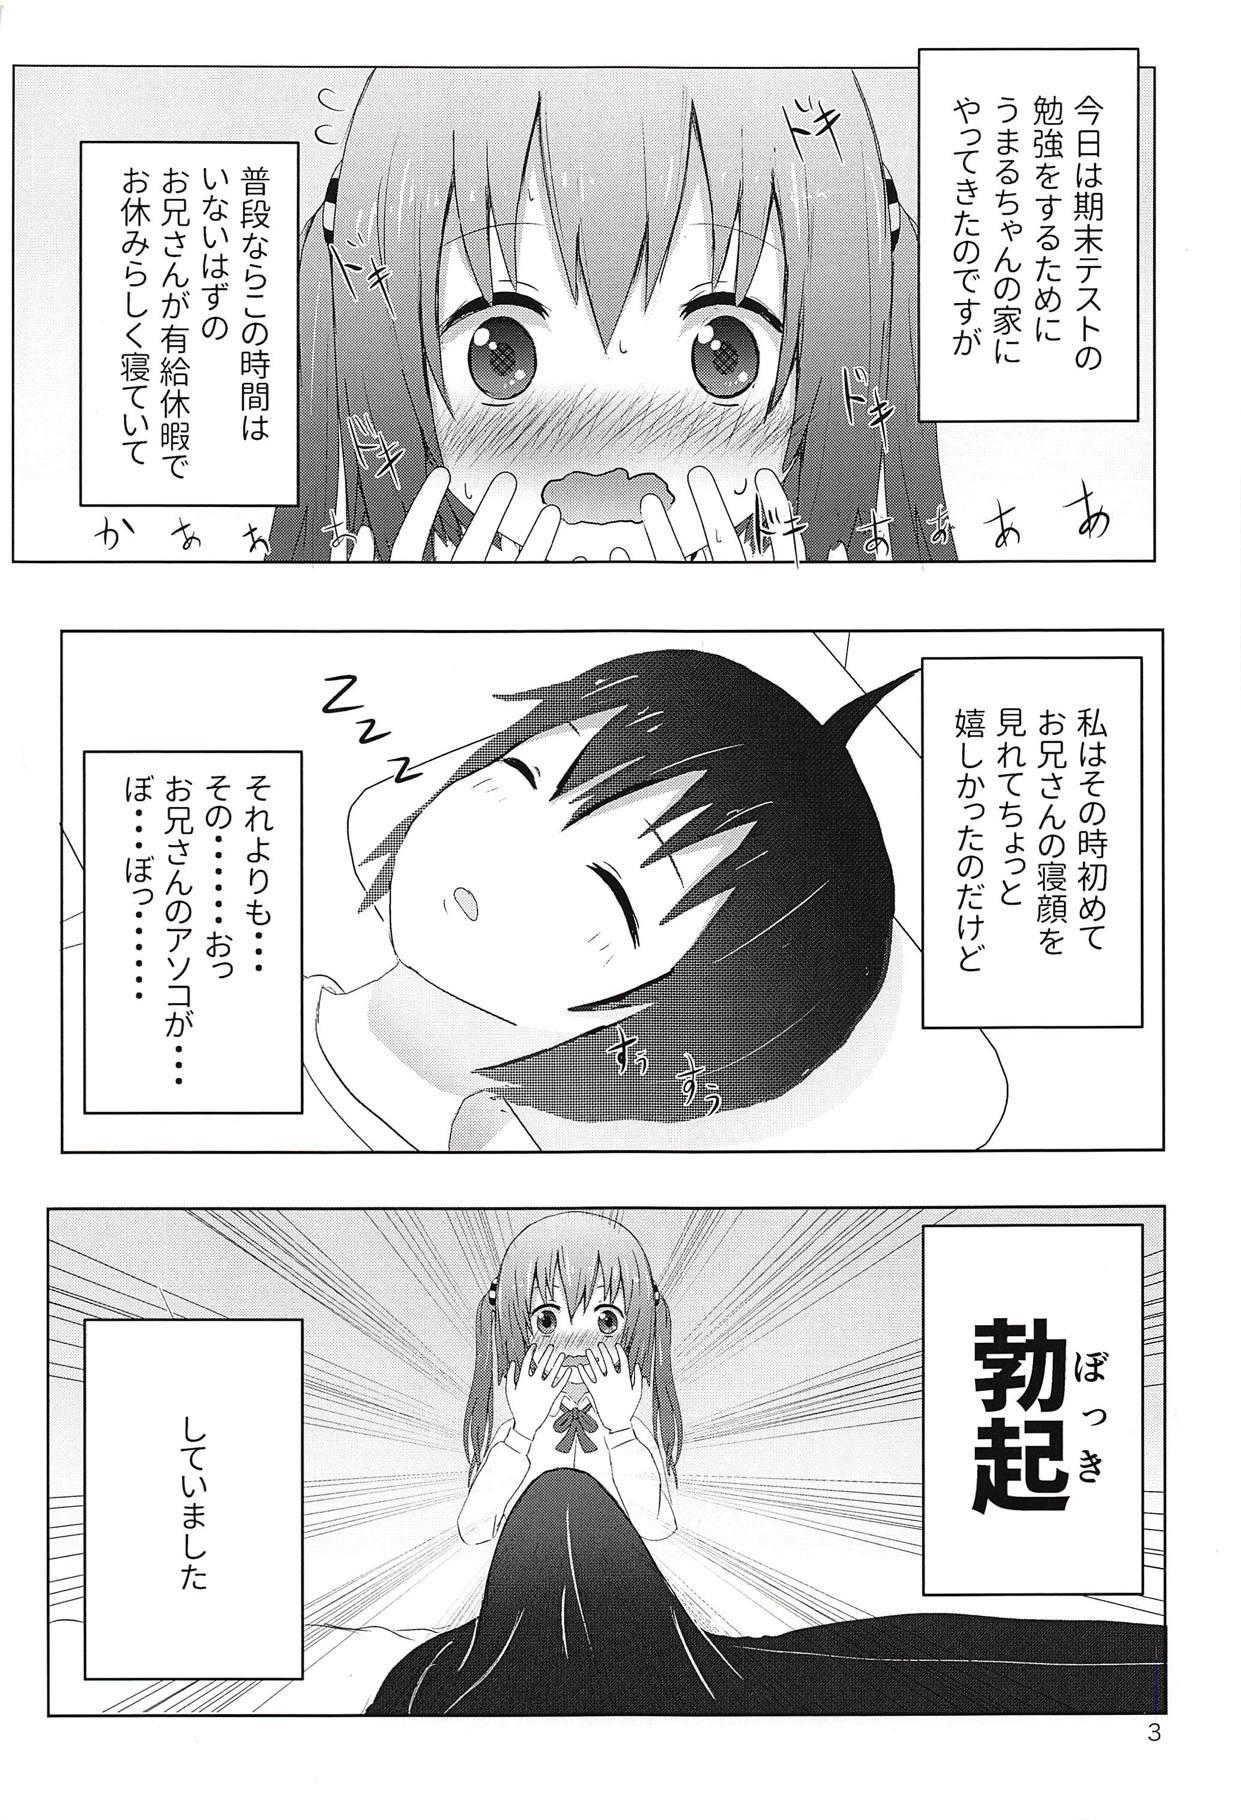 (C89) [TOFU SOFT (Sakakibara Keisuke)] Ebina-chan to Umaru-chan  to Onii-chan to Zenpen (Himouto! Umaru-chan) 1